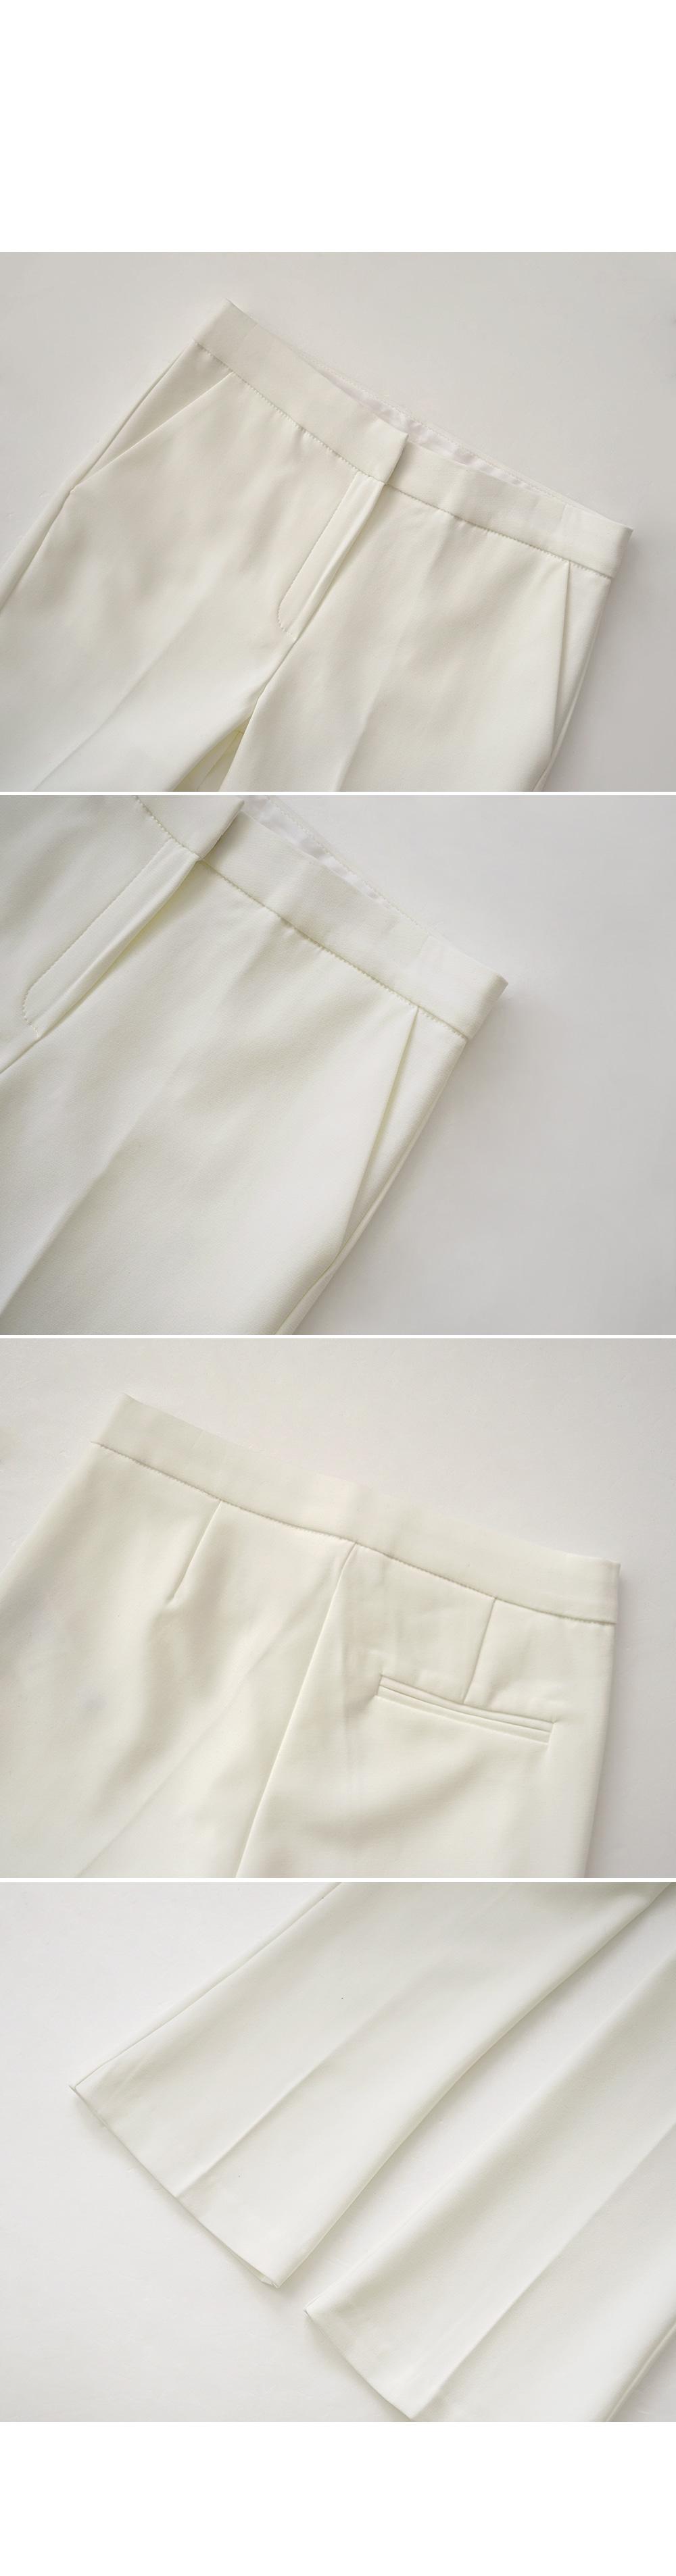 Solid Semi Boot Cut Pants-holiholic.com